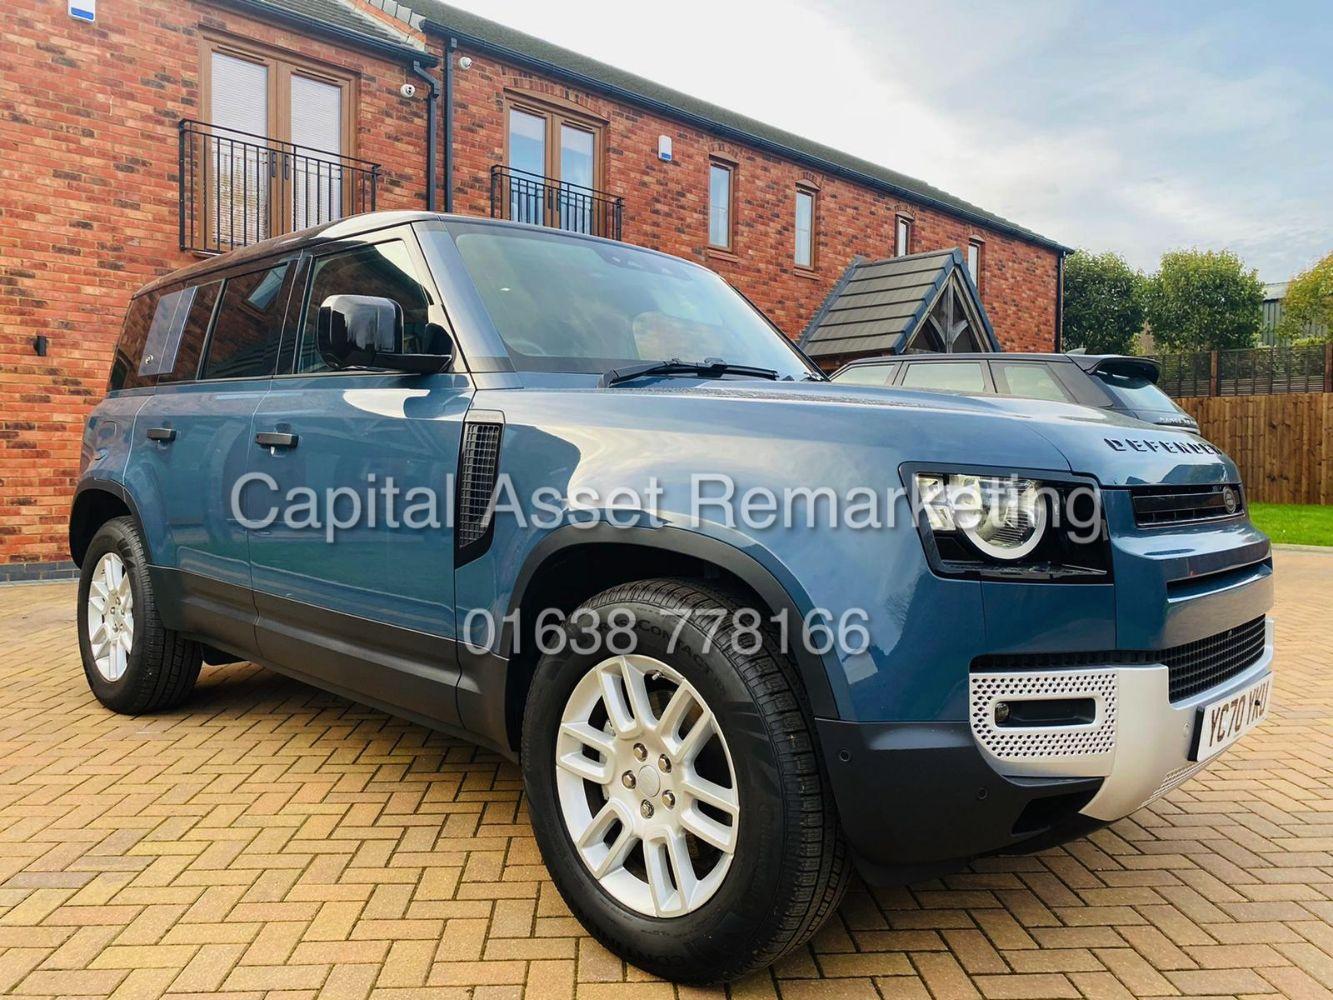 2021 (All New Model) Land Rover Defender 110 *Massive Spec* - 2019 Peugeot Boxer *Maxi Low-Loader* - 2019 Mercedes-Benz C220d *AMG Premium*